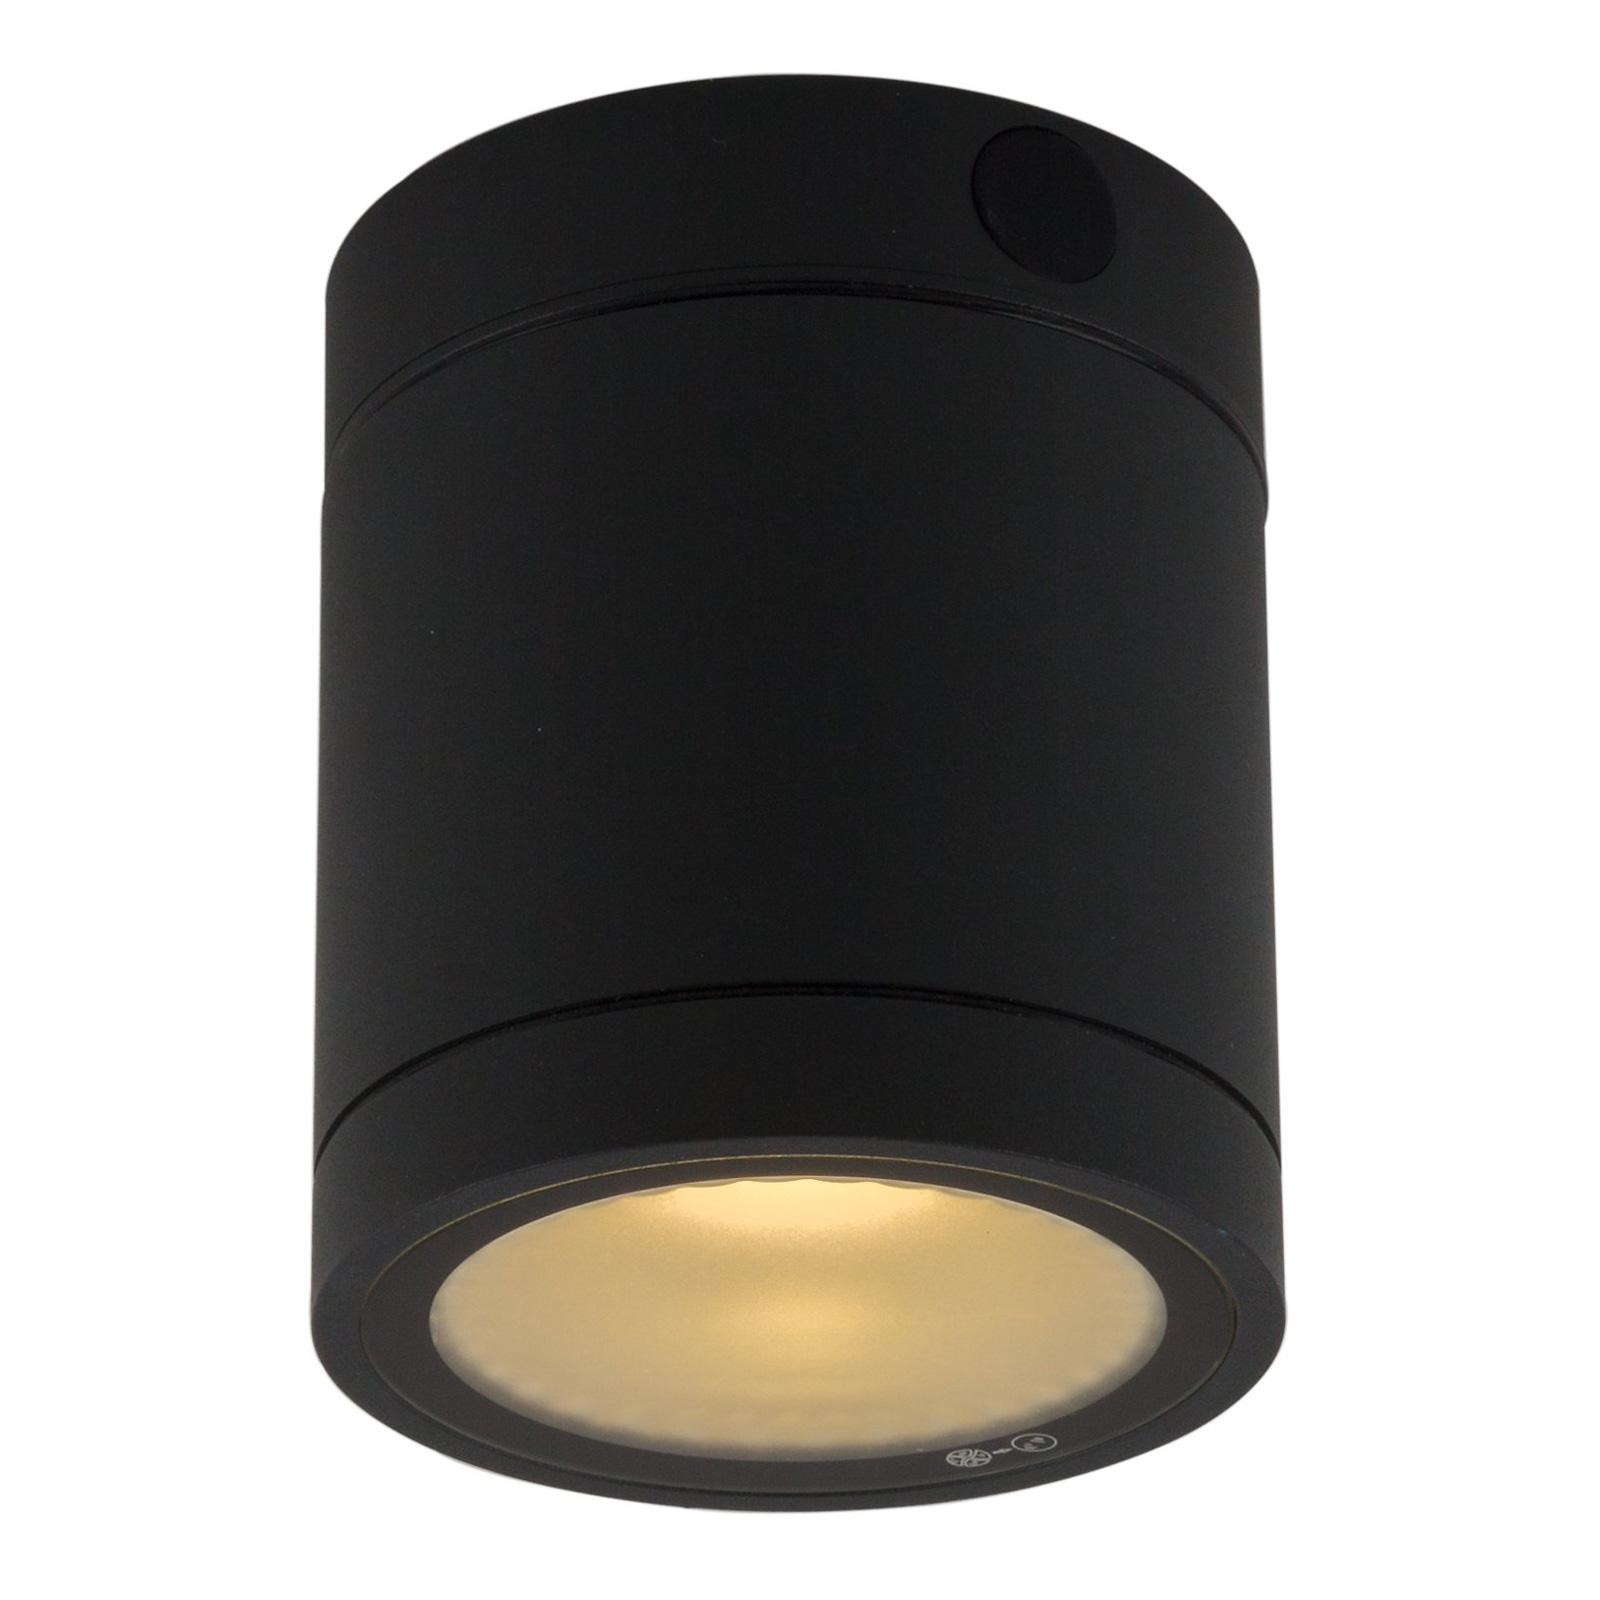 Lampa sufitowa LED Negro na zewnątrz